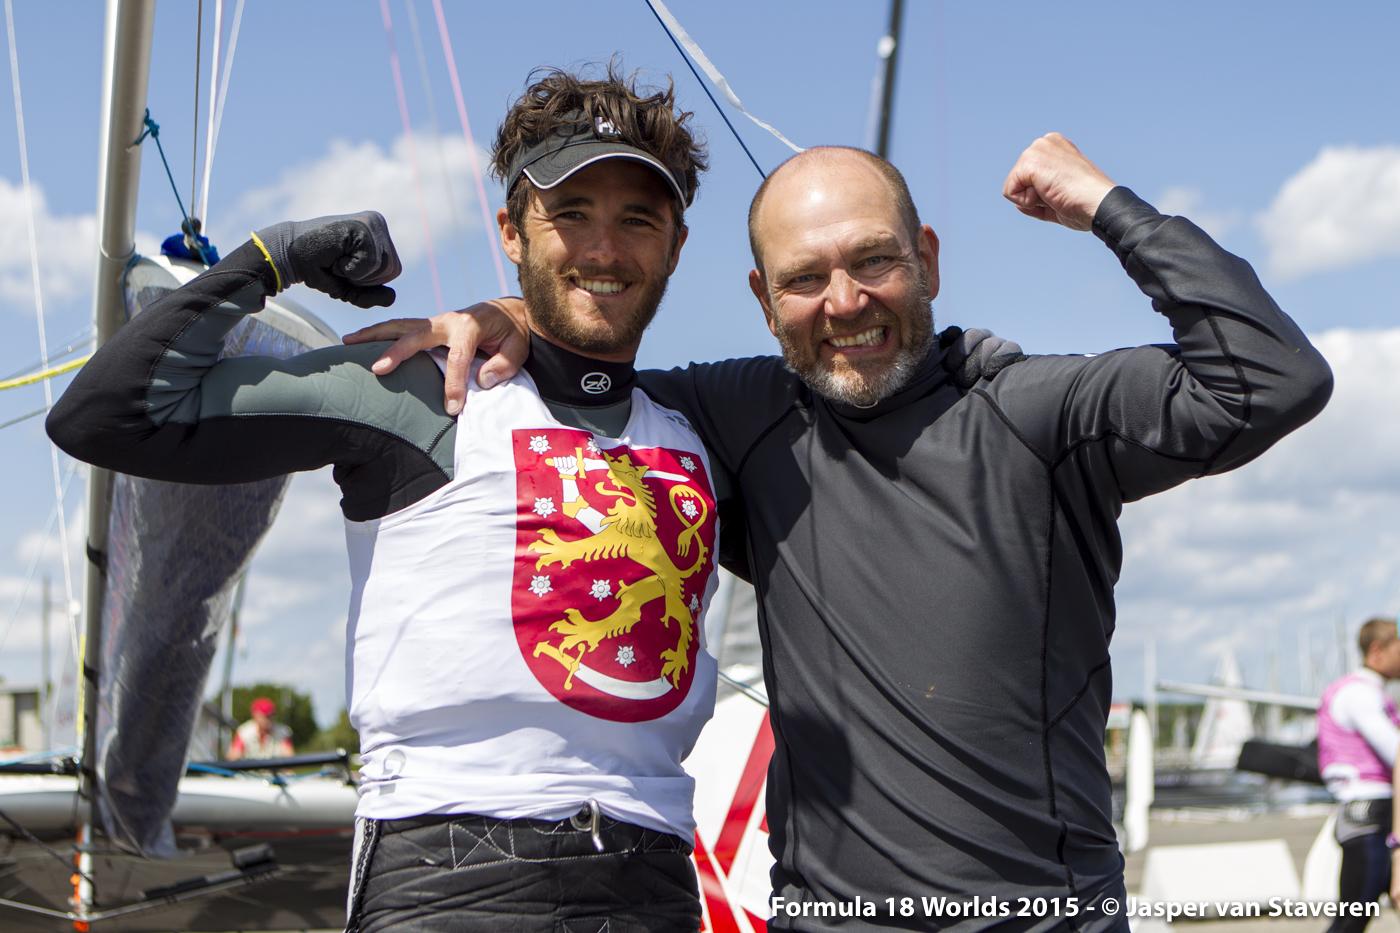 F18 Worlds 2015 - 18-07-2015 (Kiel - Germany)-7218-2